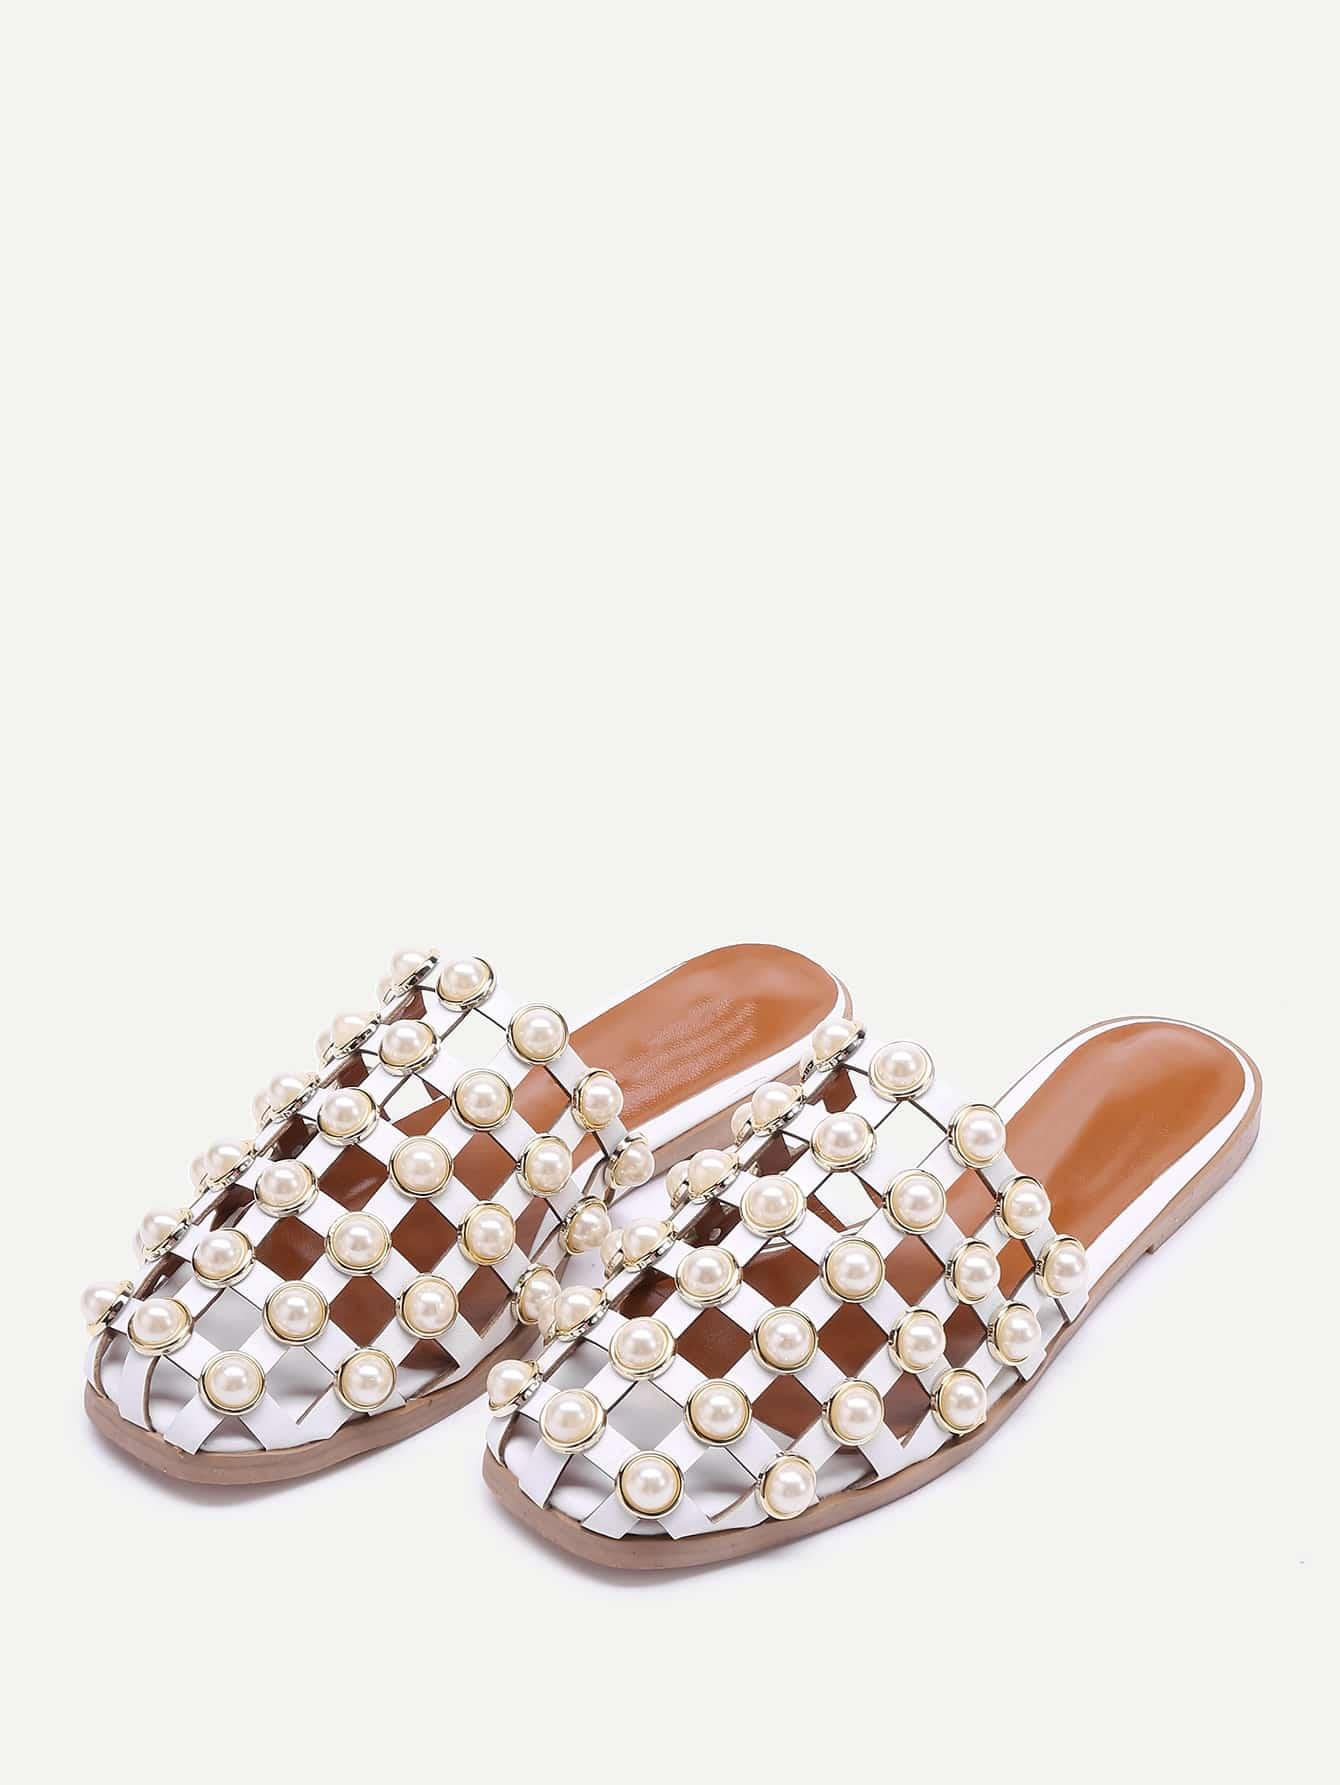 shoes170426807_2